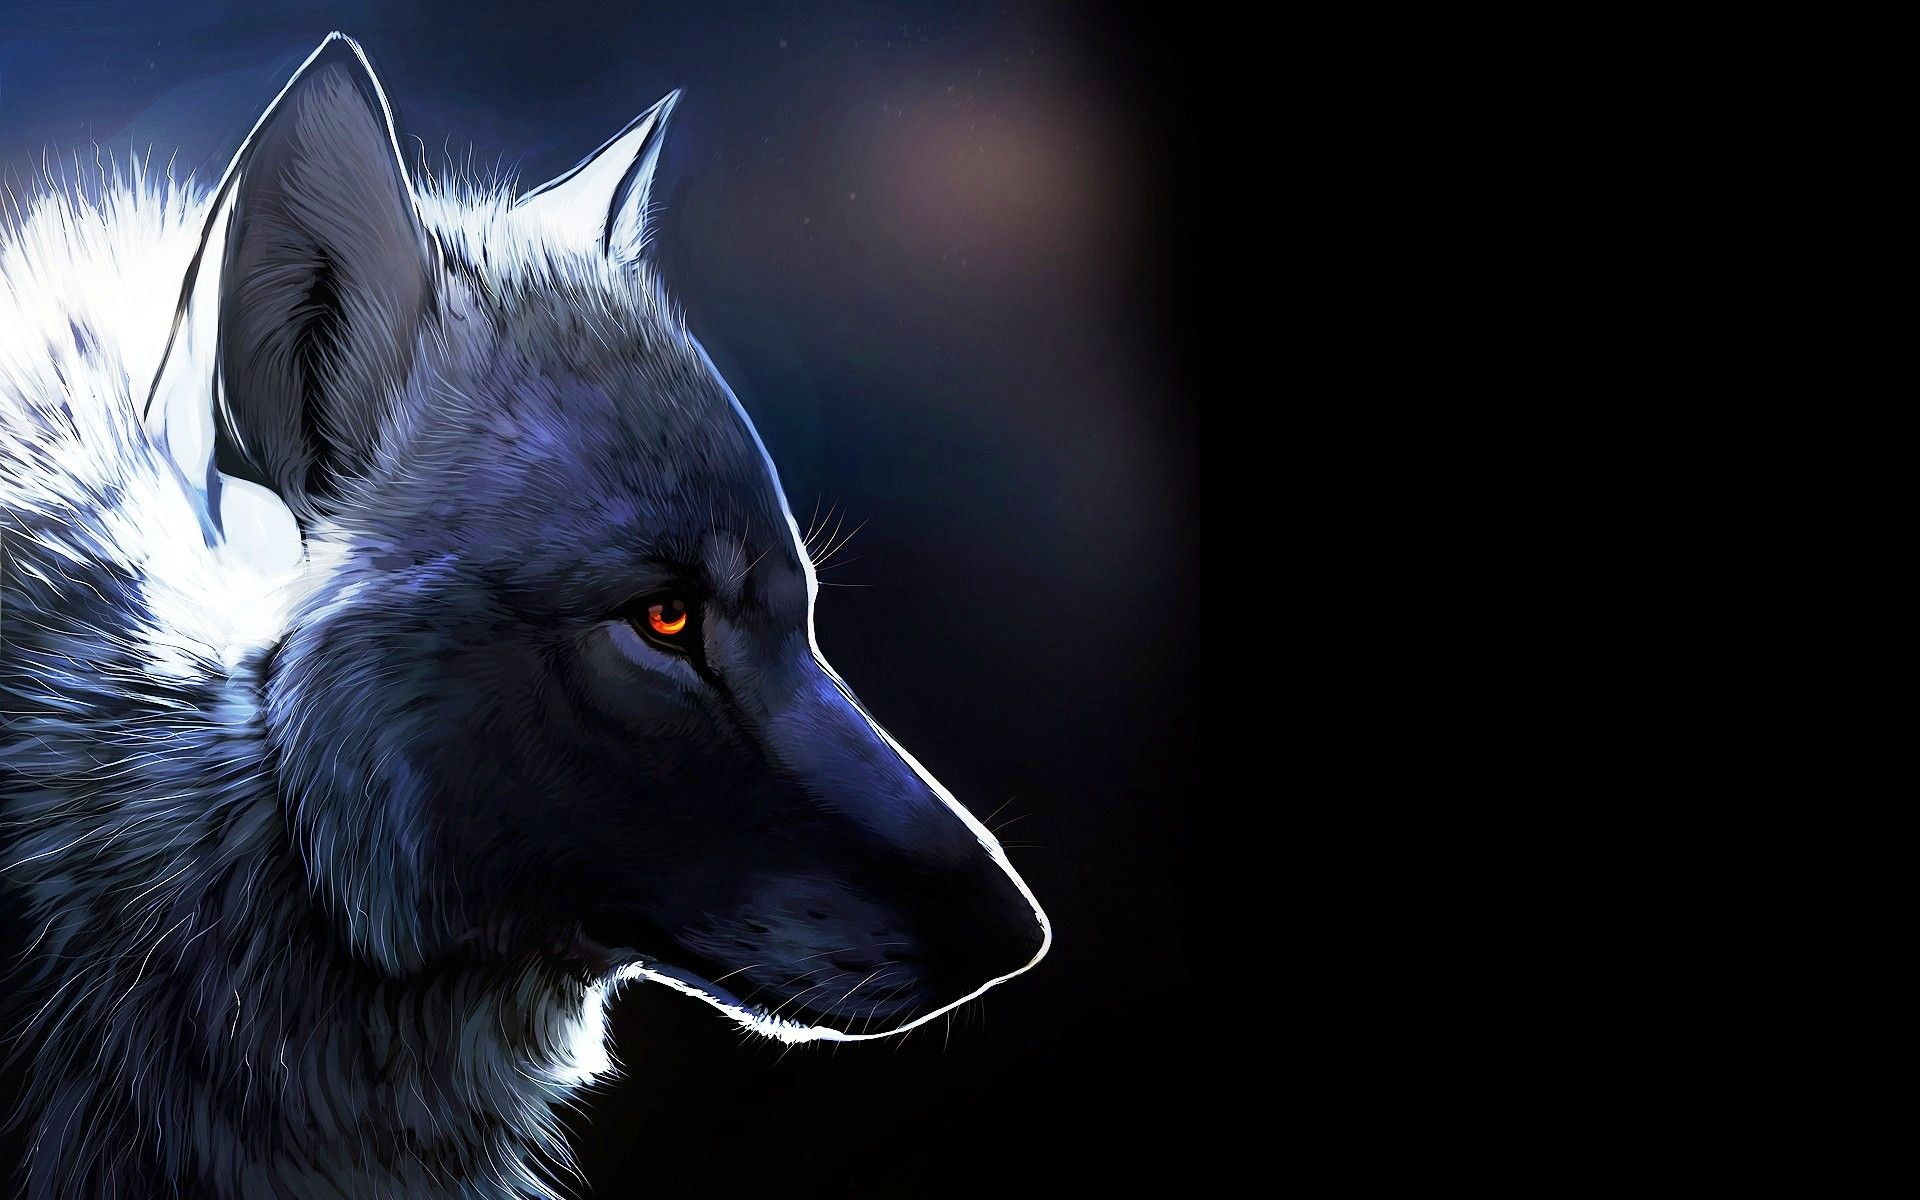 Popular Wallpaper Horse Wolf - aaa44b4bdde4fc856c178e2678e33b79  Collection_307539.jpg